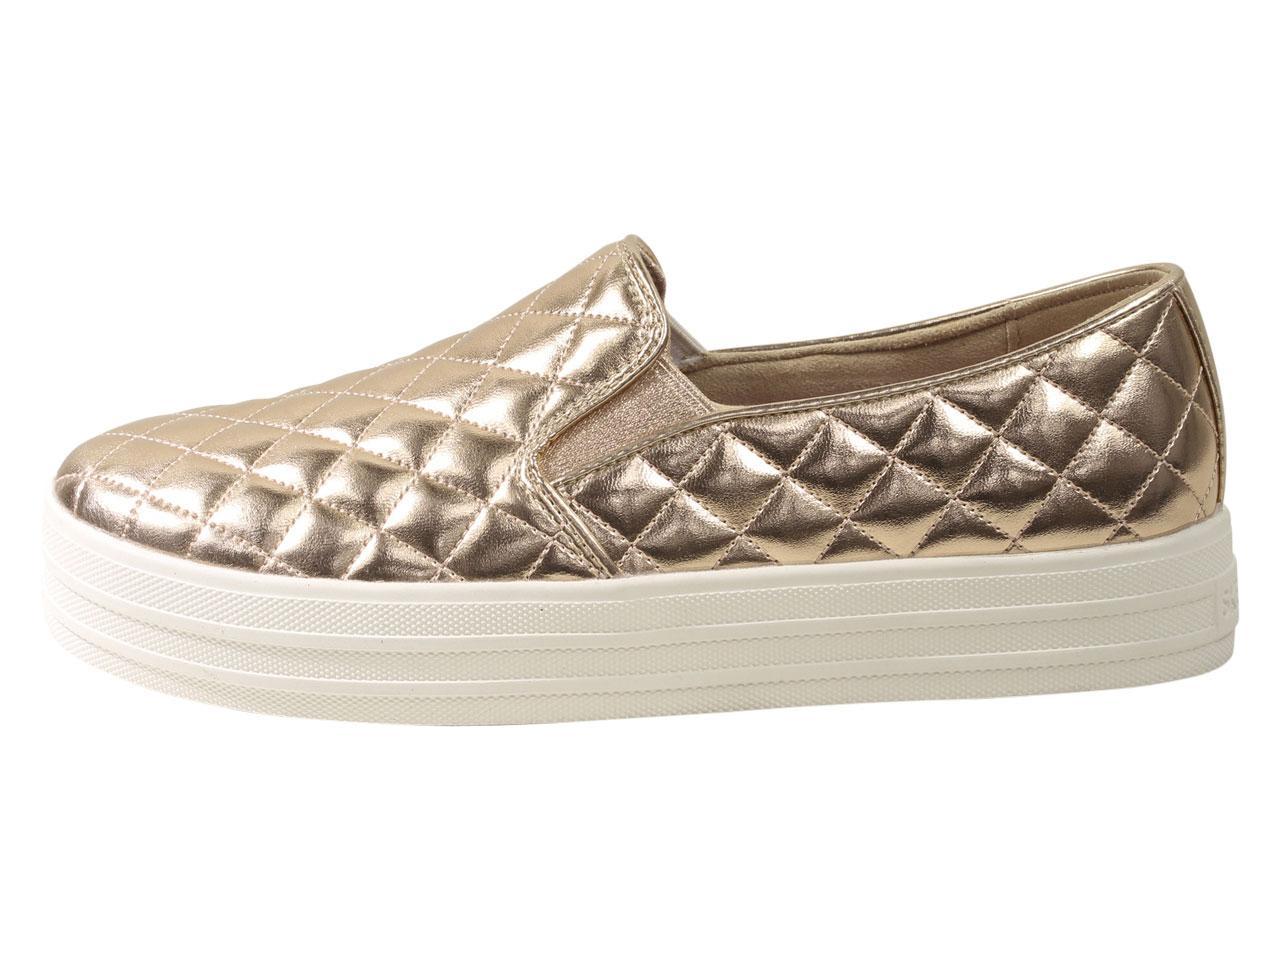 Skechers Women S Double Up Duvet Memory Foam Loafers Shoes